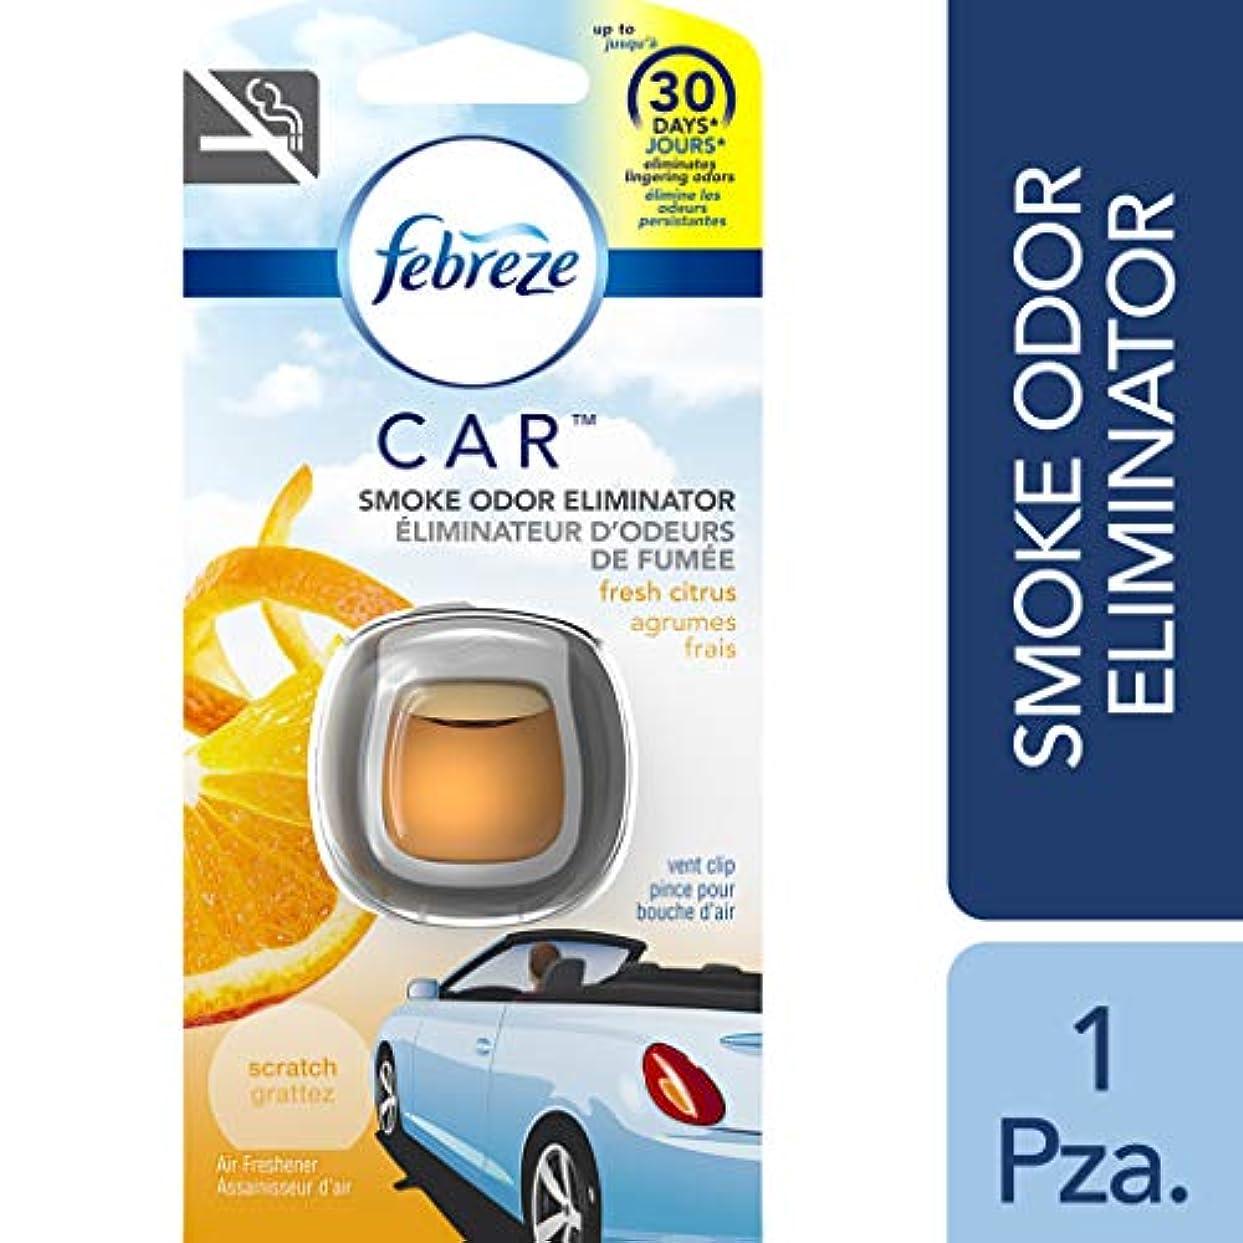 承認アレンジアジャFebreeze 車のベントクリップエアフレッシュナー煙の臭いエリミネーター、シトラス